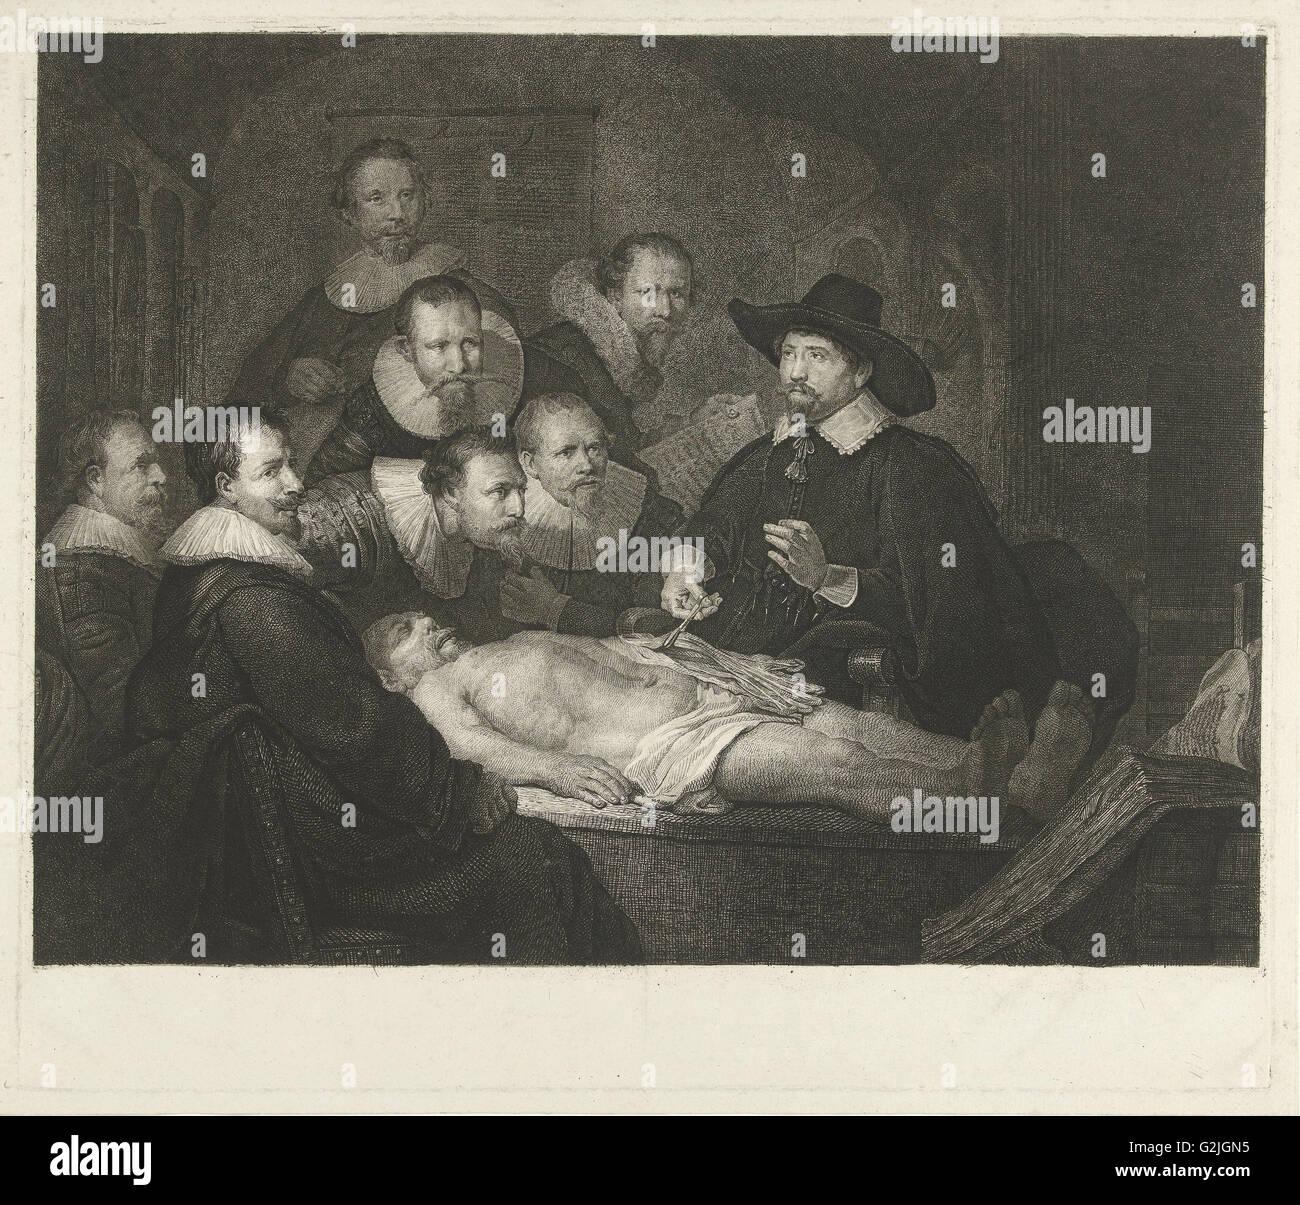 La Lección de Anatomía del Dr. Nicolaes Tulp, Johannes Pieter de ...